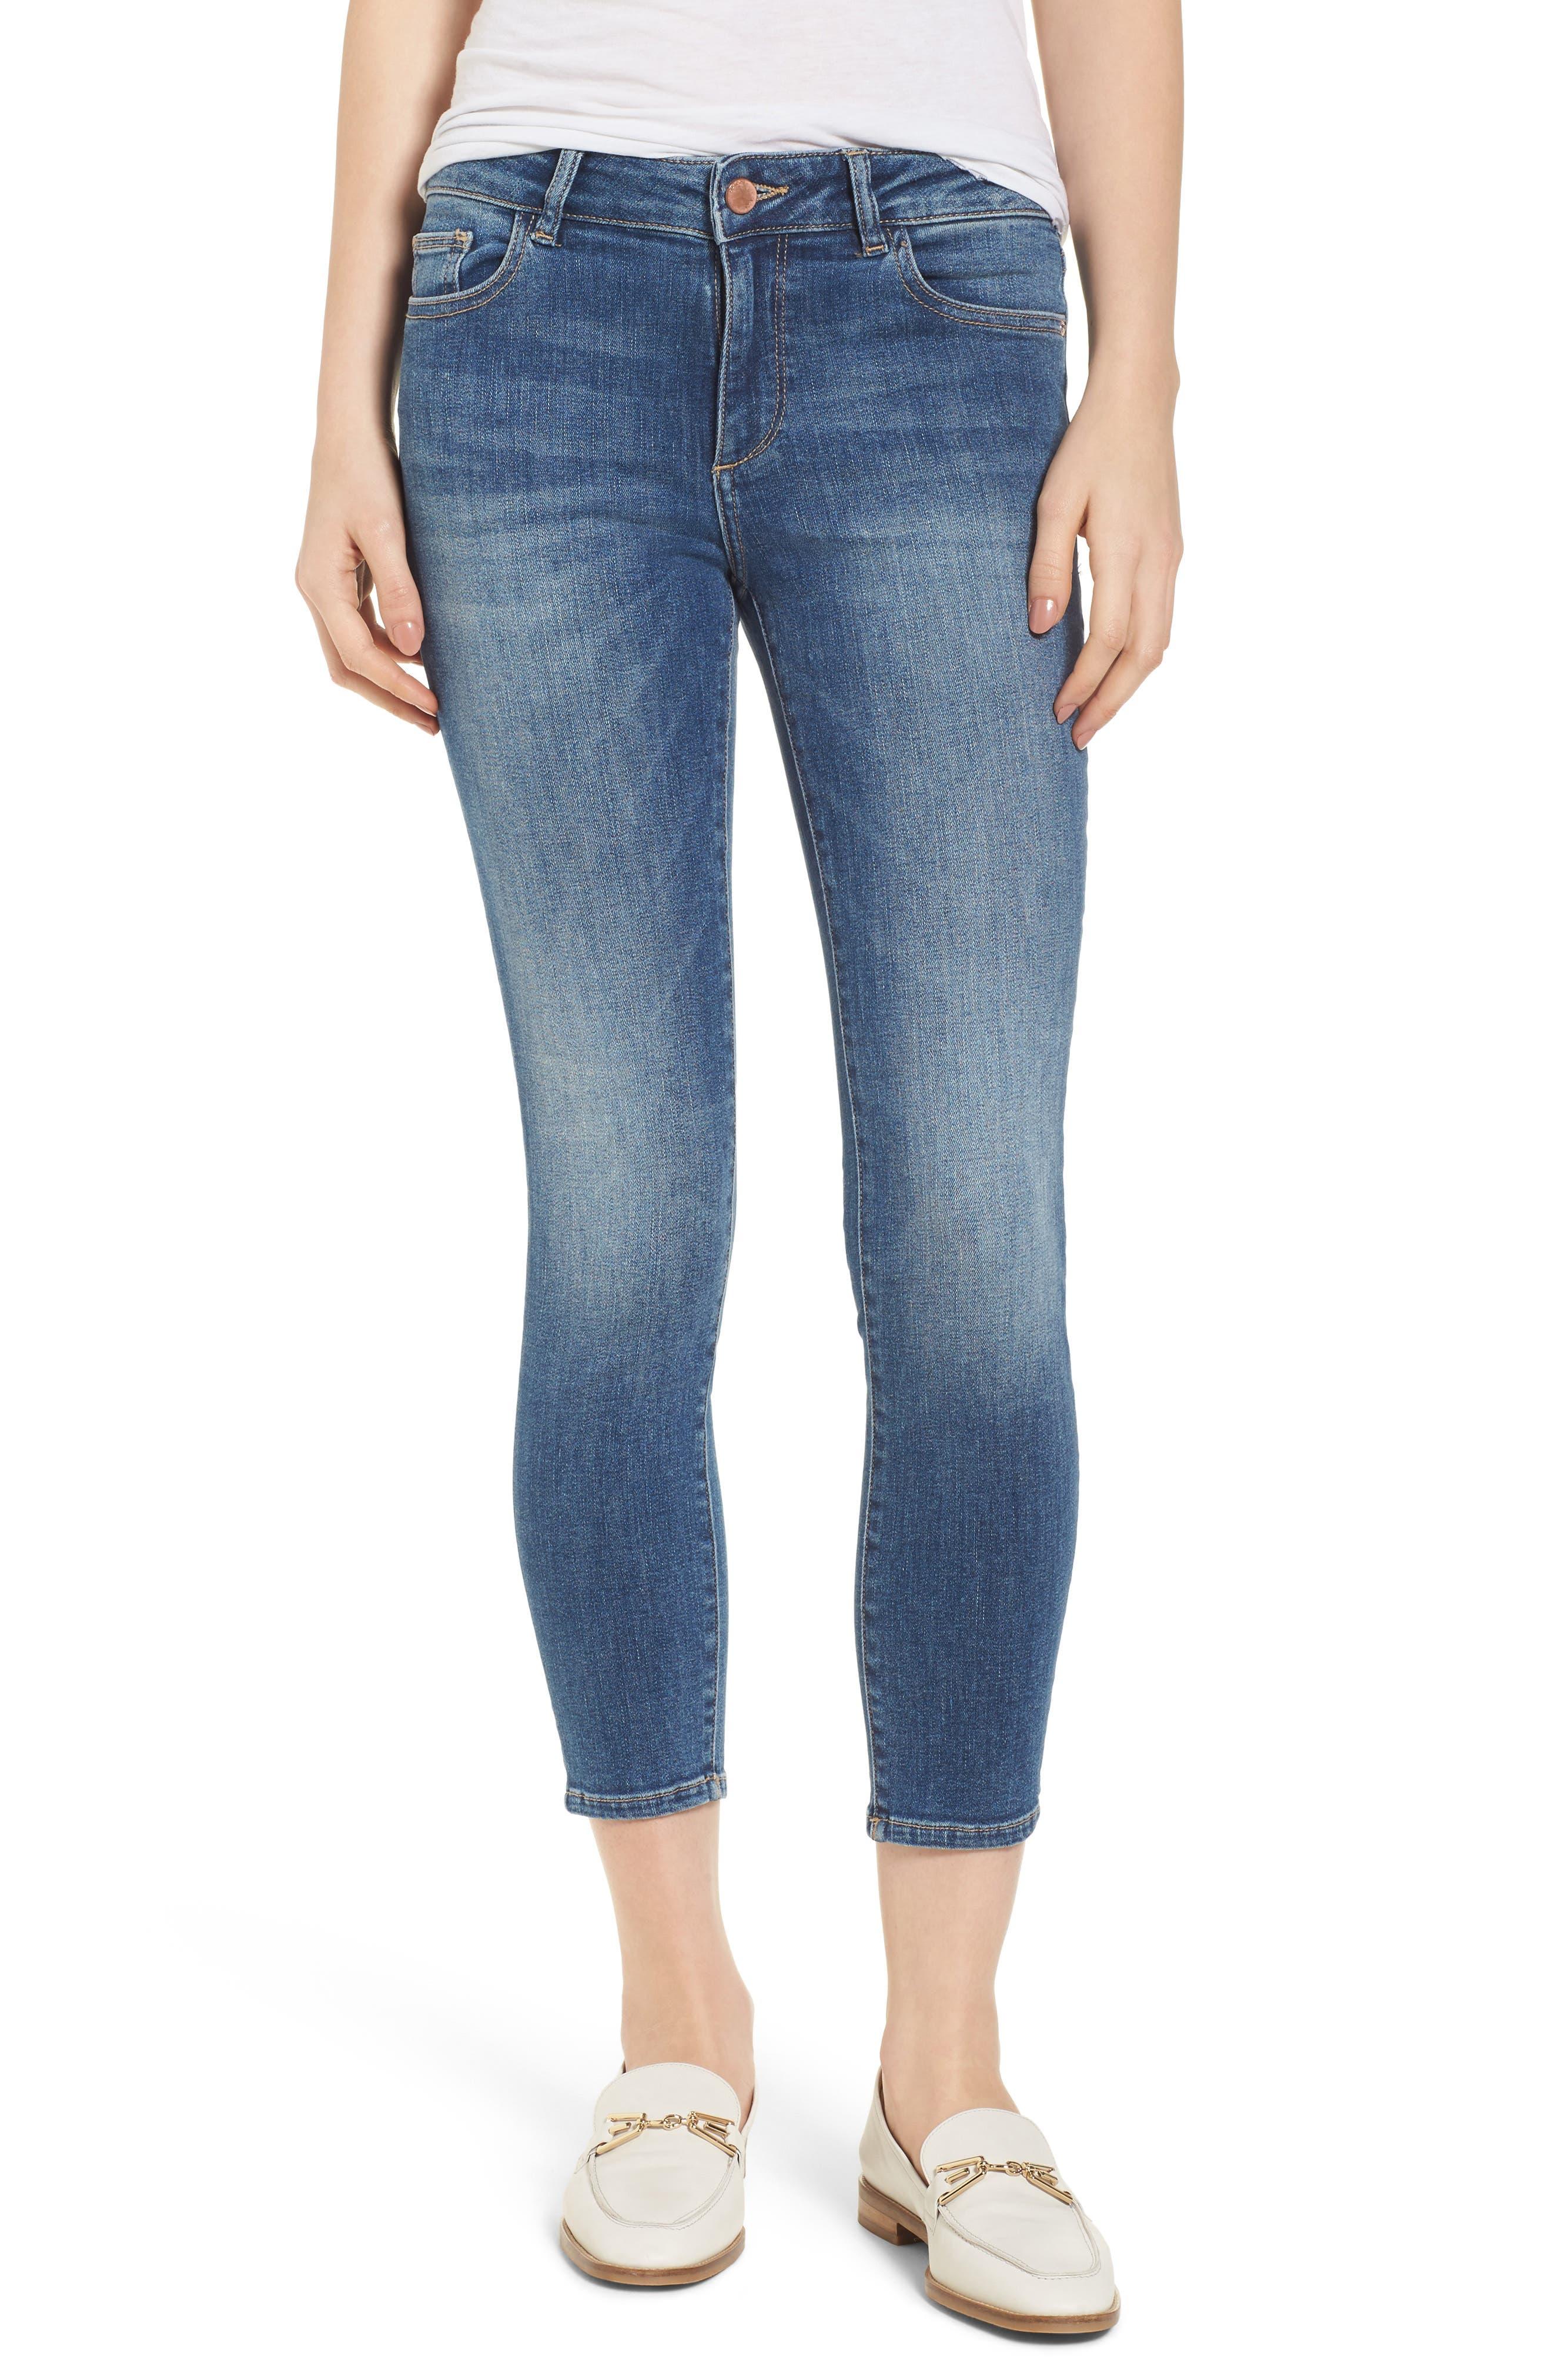 DL1961 Florence Instasculpt Crop Skinny Jeans (Everglade)